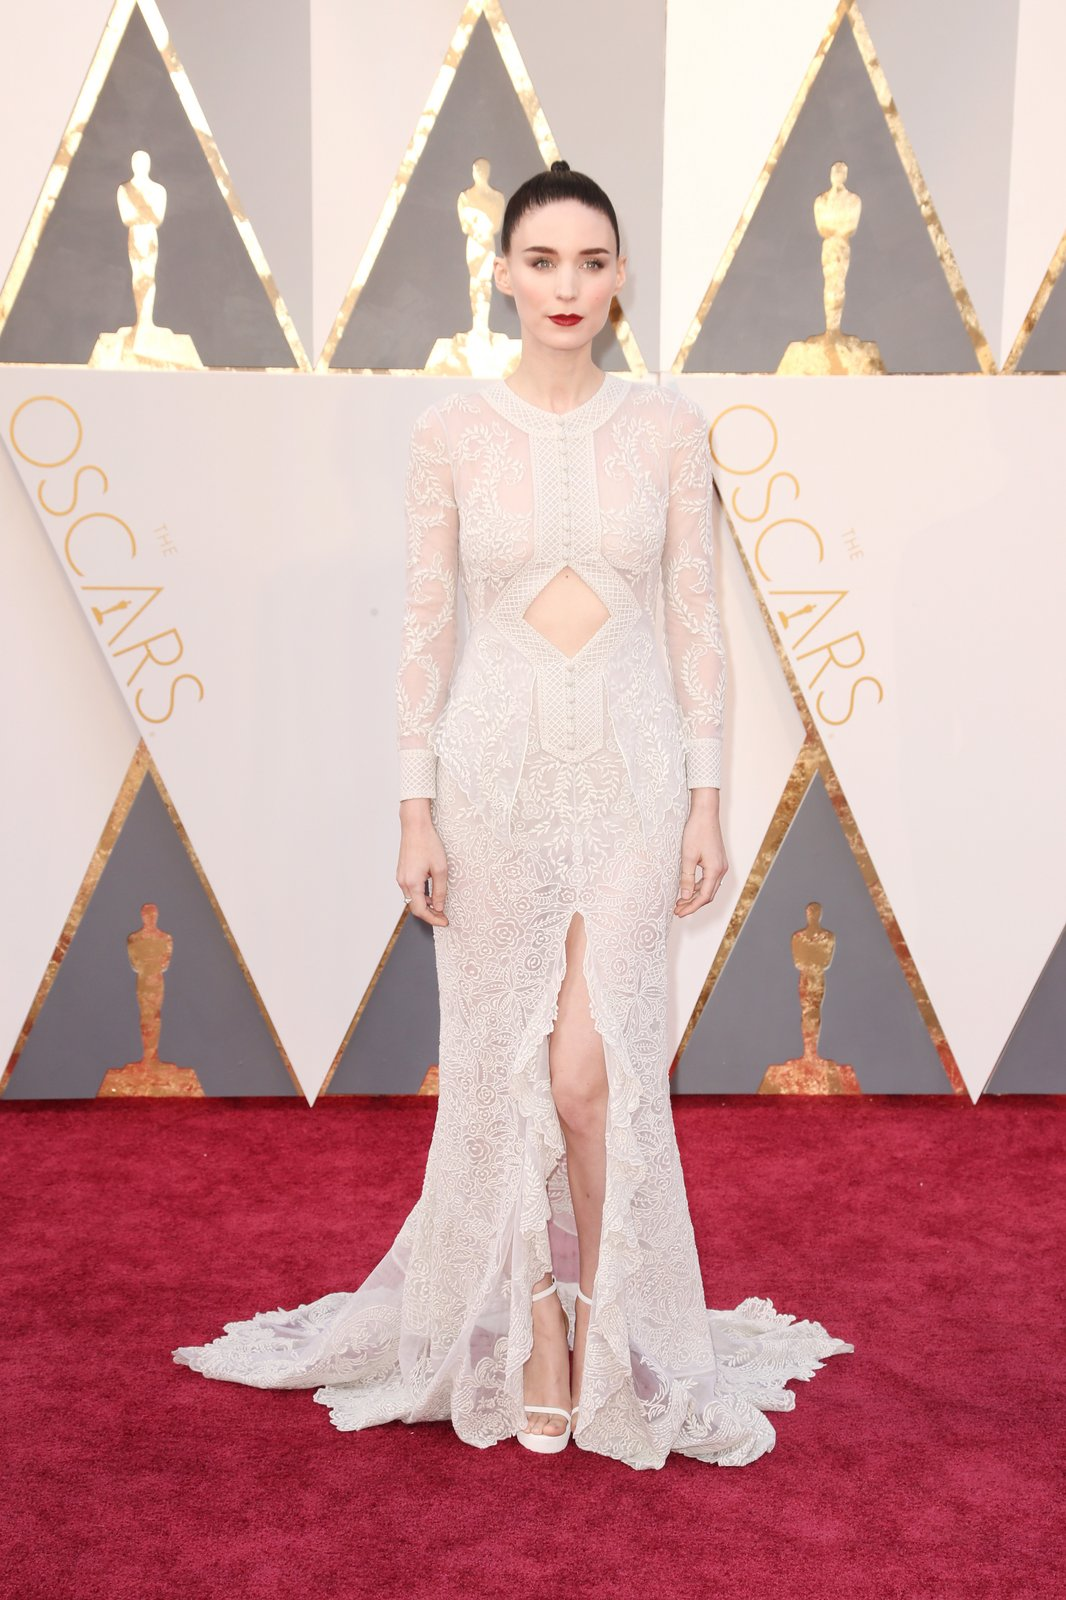 Rooney Mara in Givenchy oscar 2016